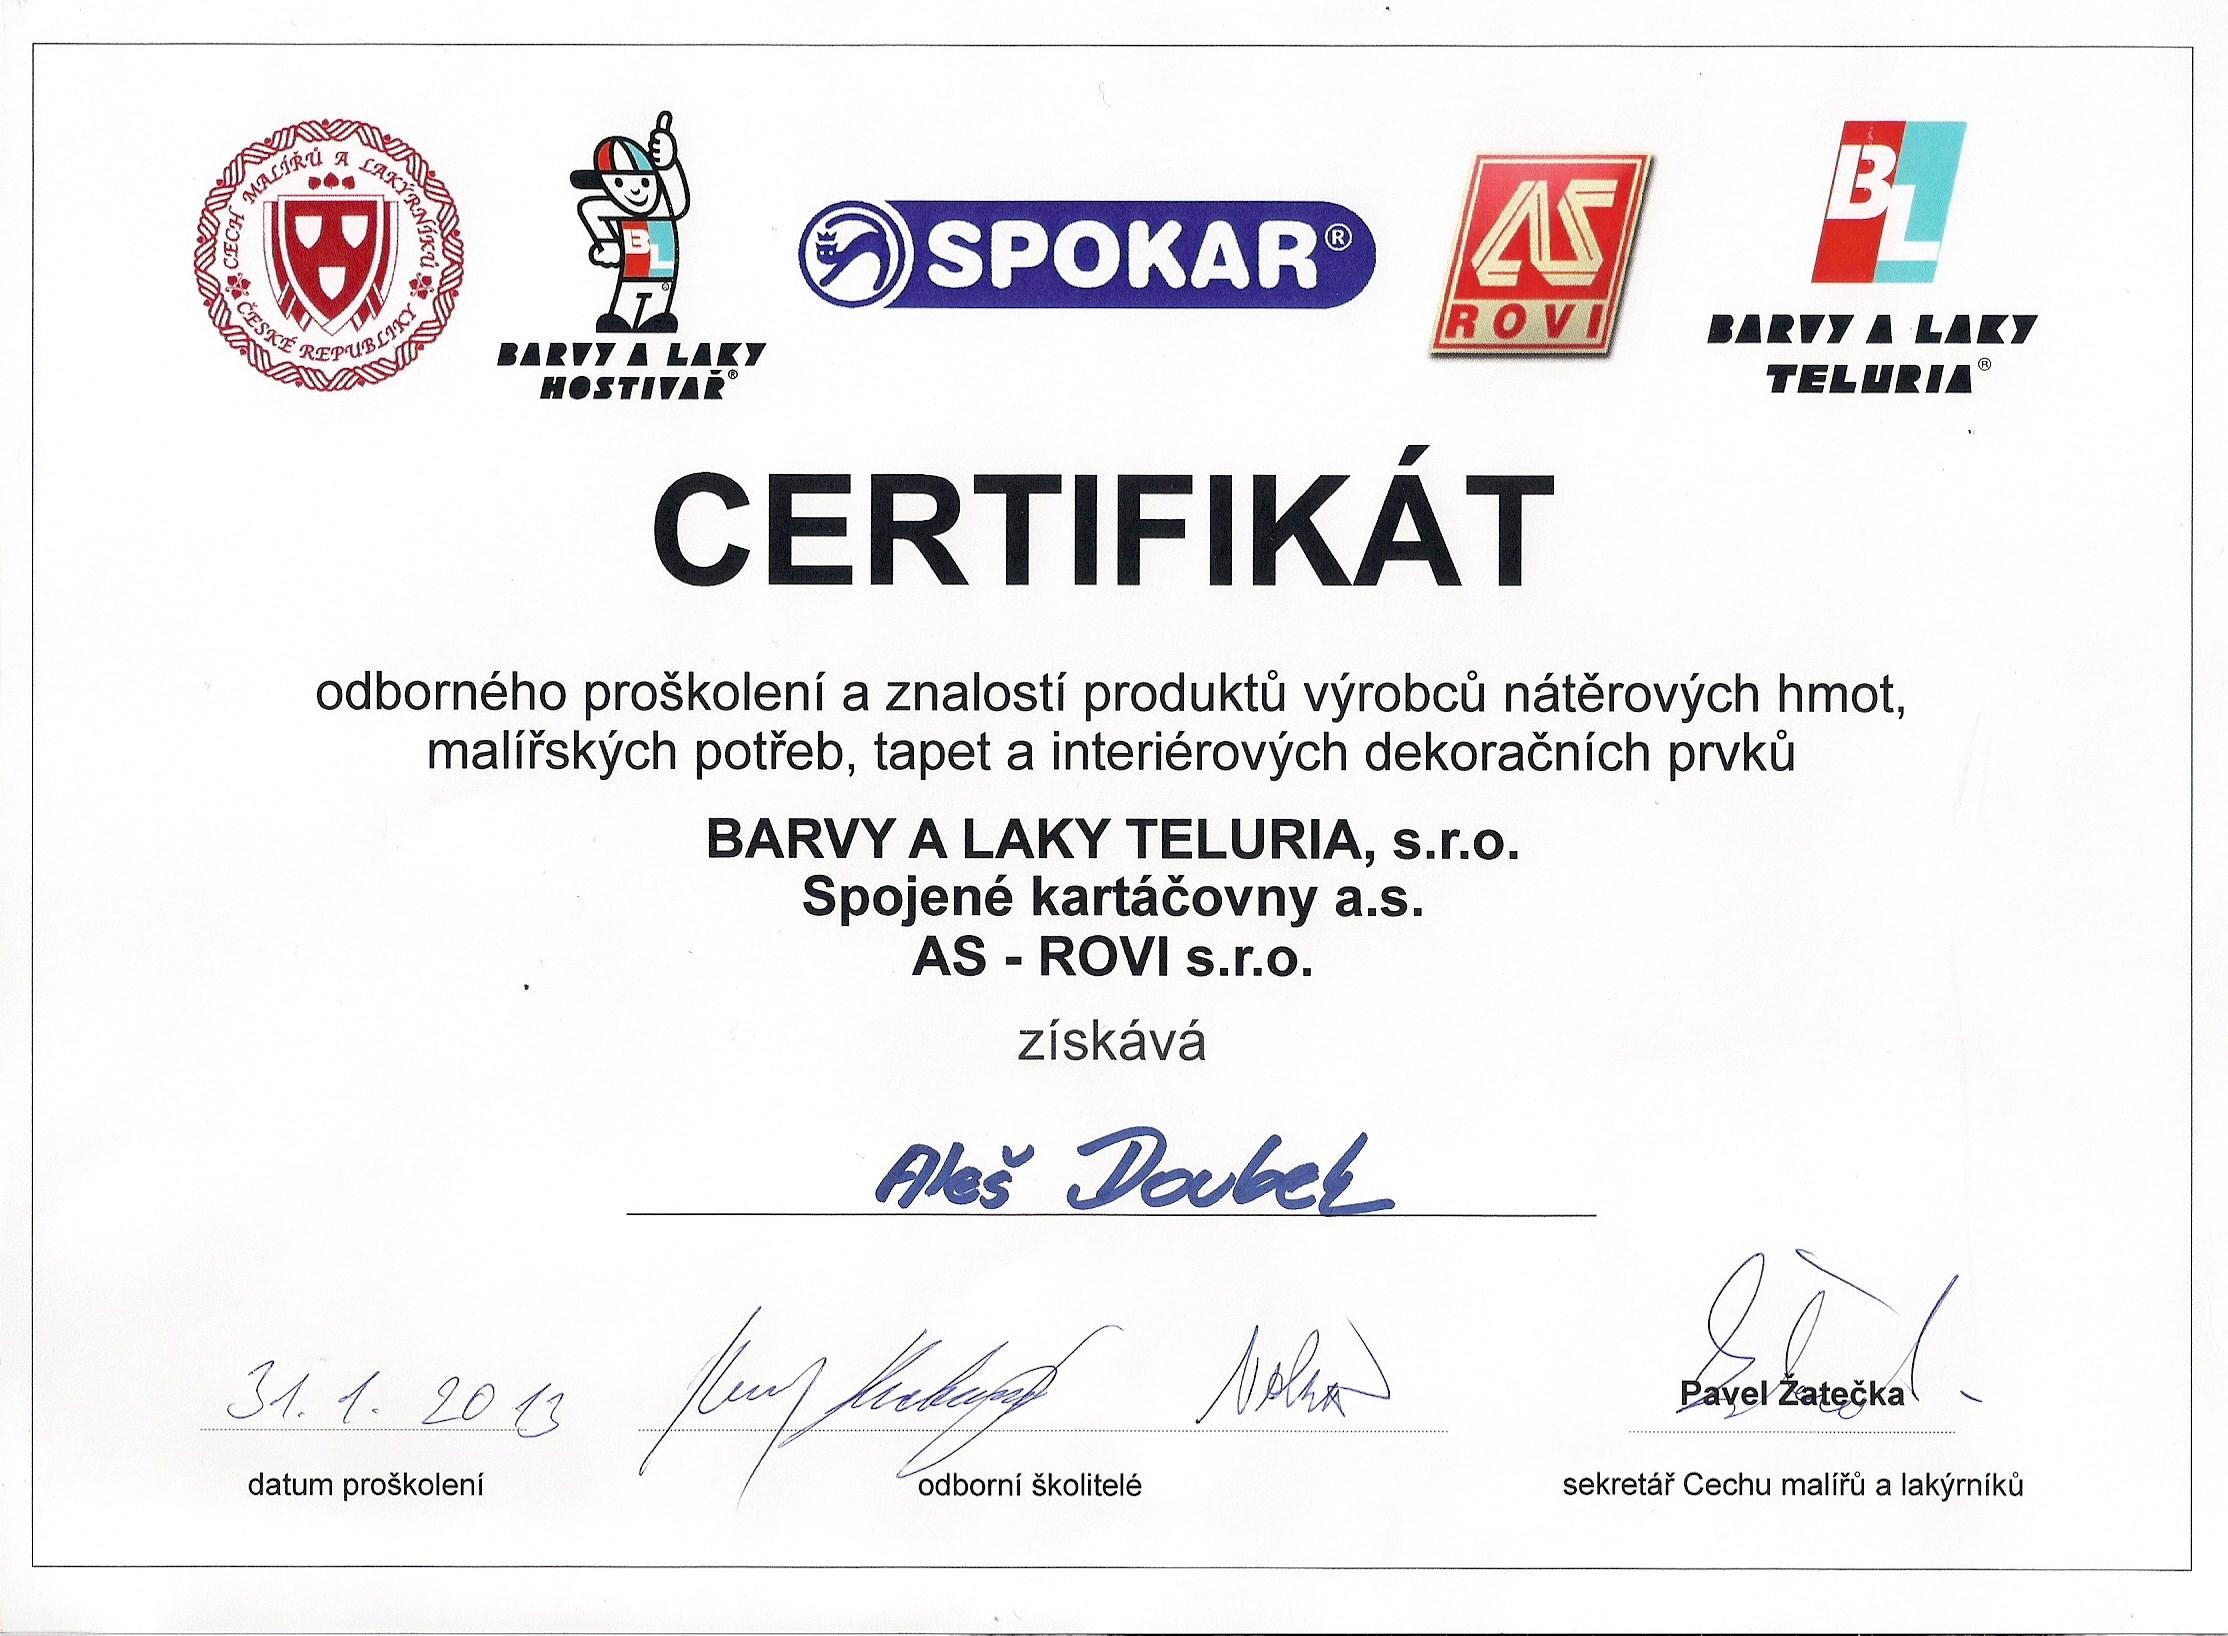 Certifikát z odborného proškolení a znalosti produktu